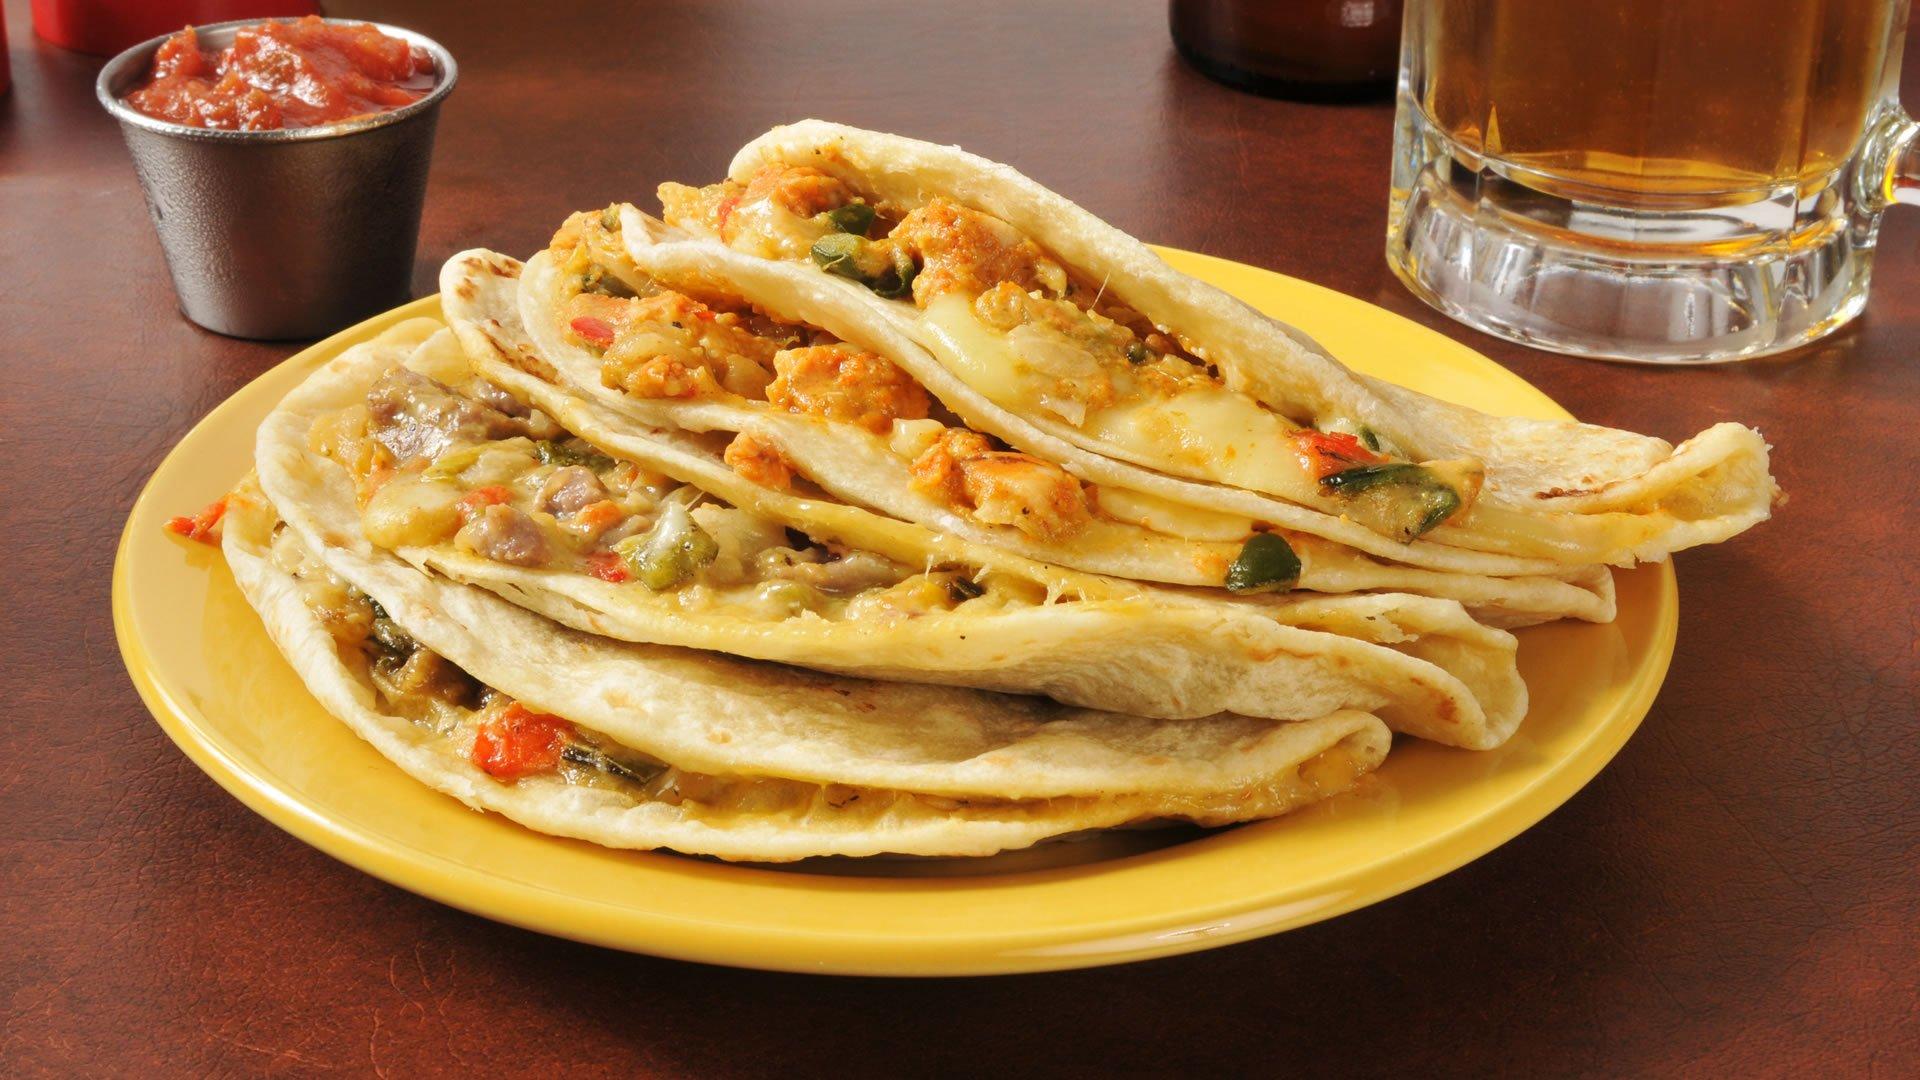 Quesadillas, lado exótico de la comida mexicana - Tabasco HOY